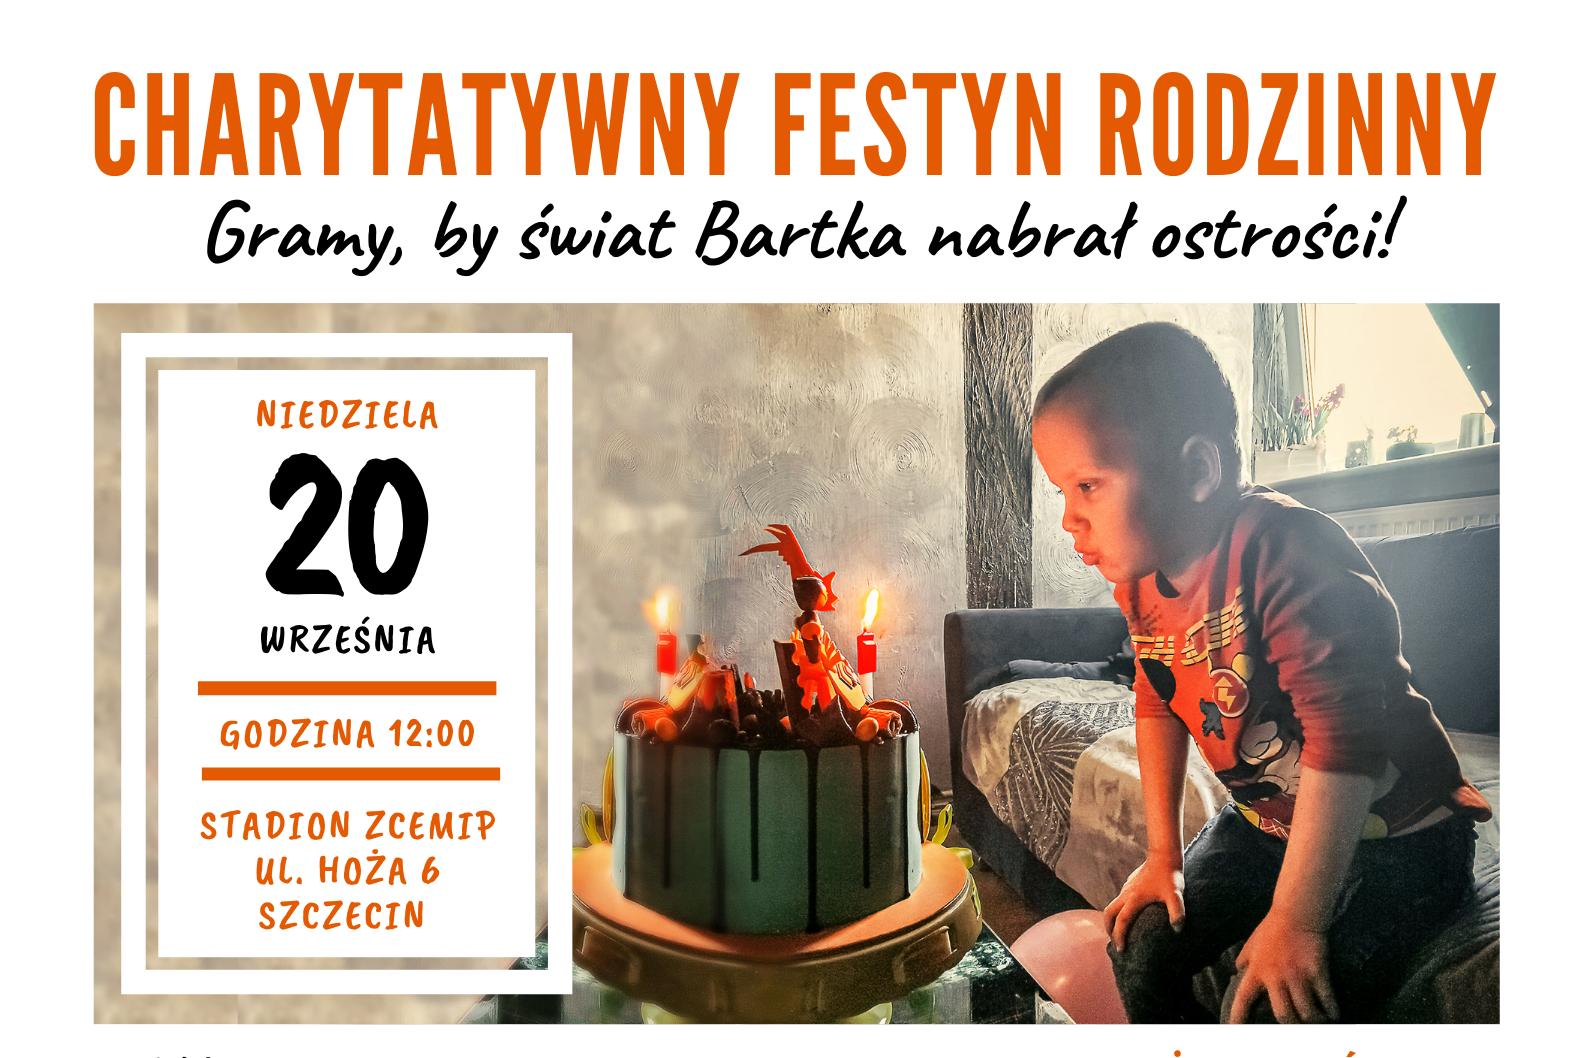 Festyn charytatywny: Gramy, by świat Bartka nabrał ostrości!